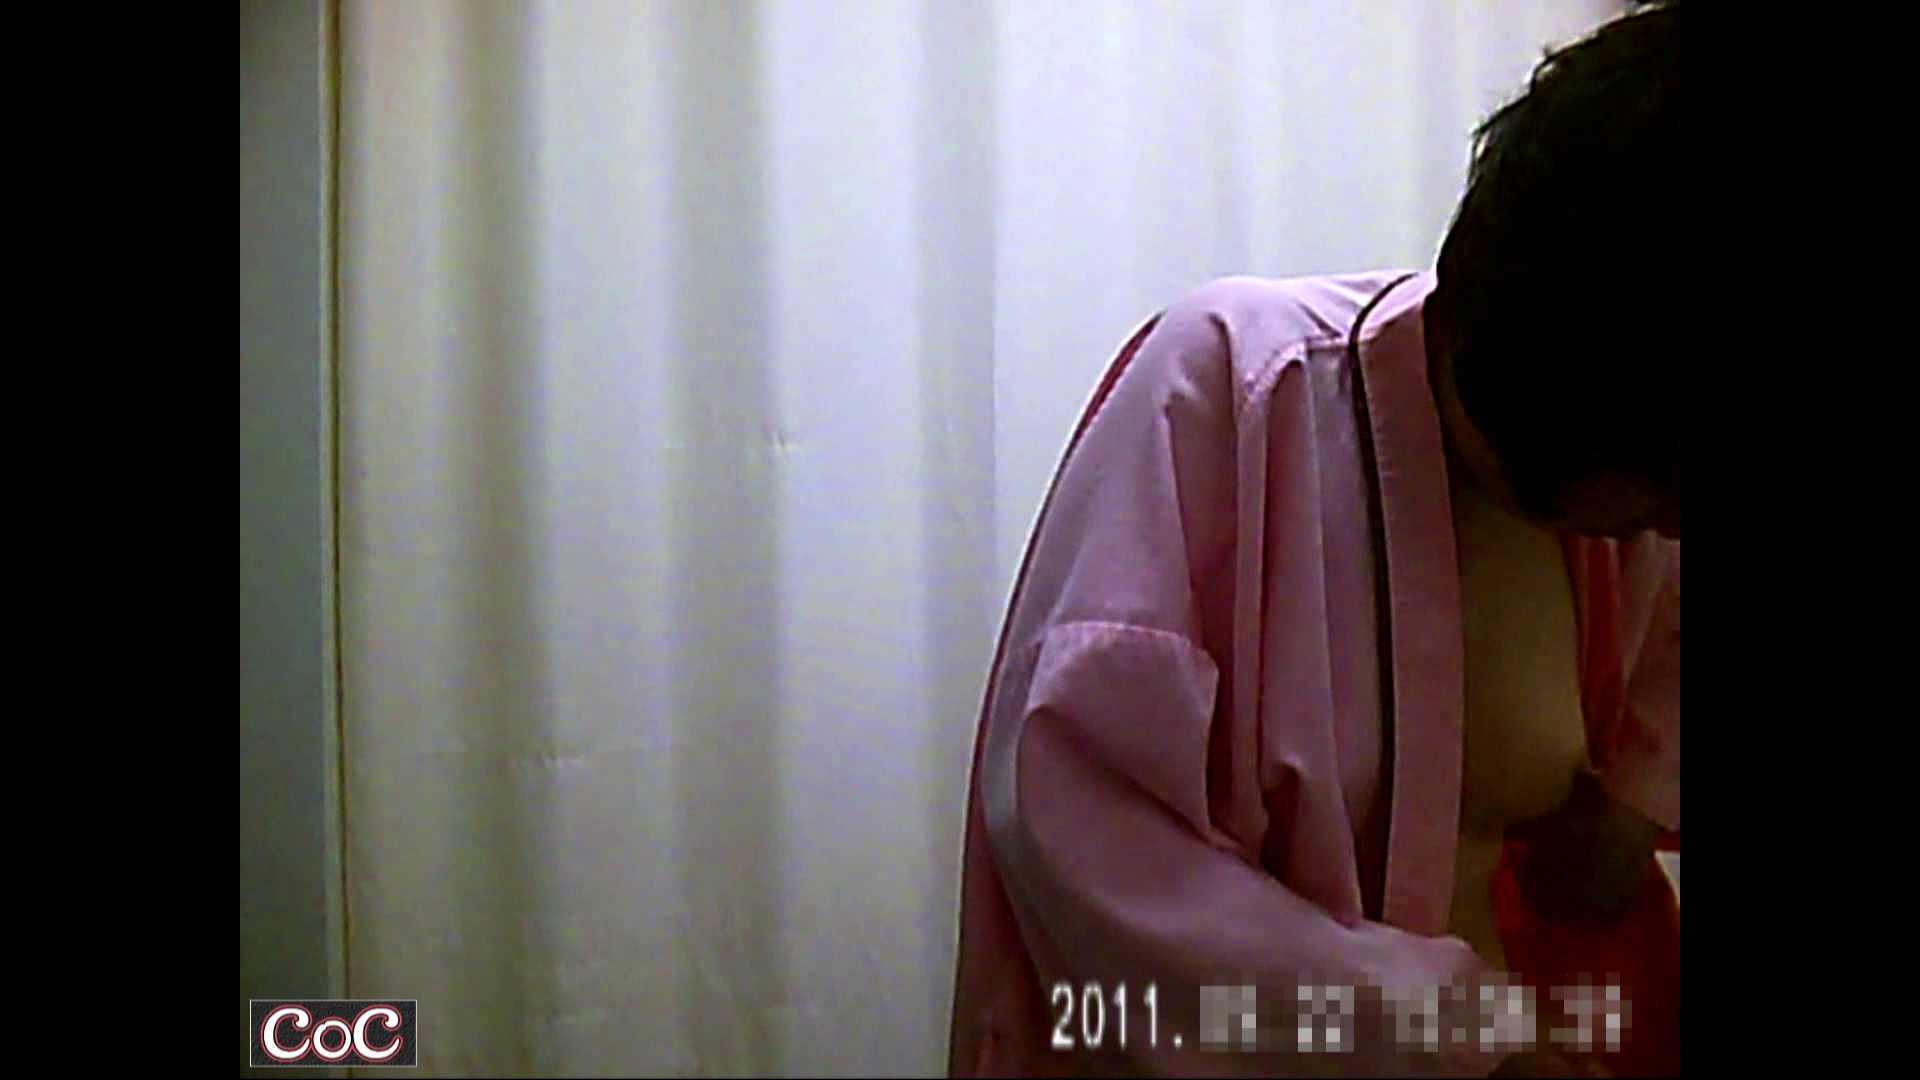 病院おもいっきり着替え! vol.32 おっぱい 盗み撮りAV無料動画キャプチャ 92画像 4